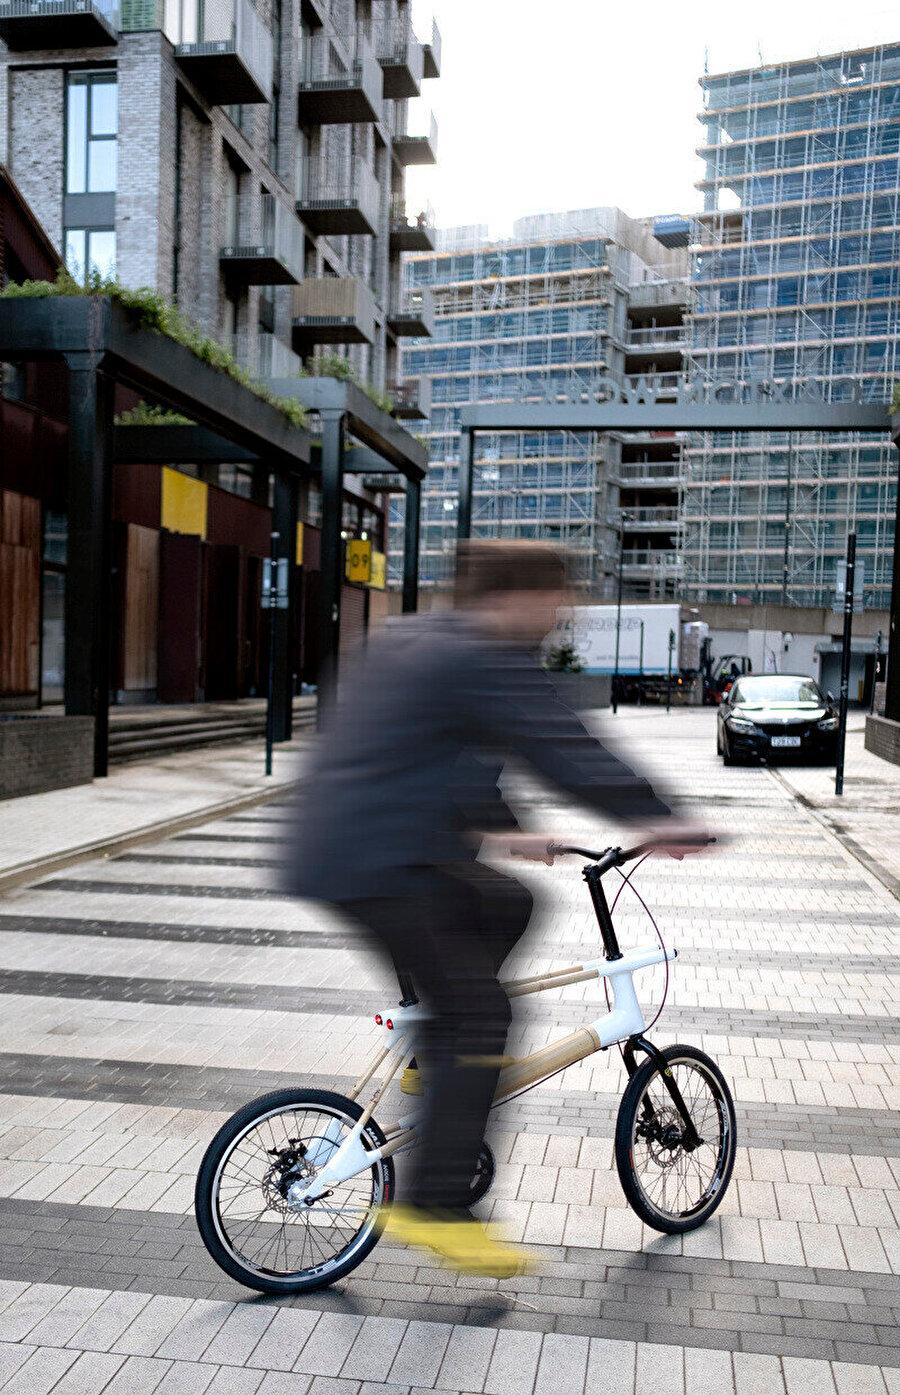 Tasarımın ölçeği şehir içi kullanımı kolaylaştırıyor.